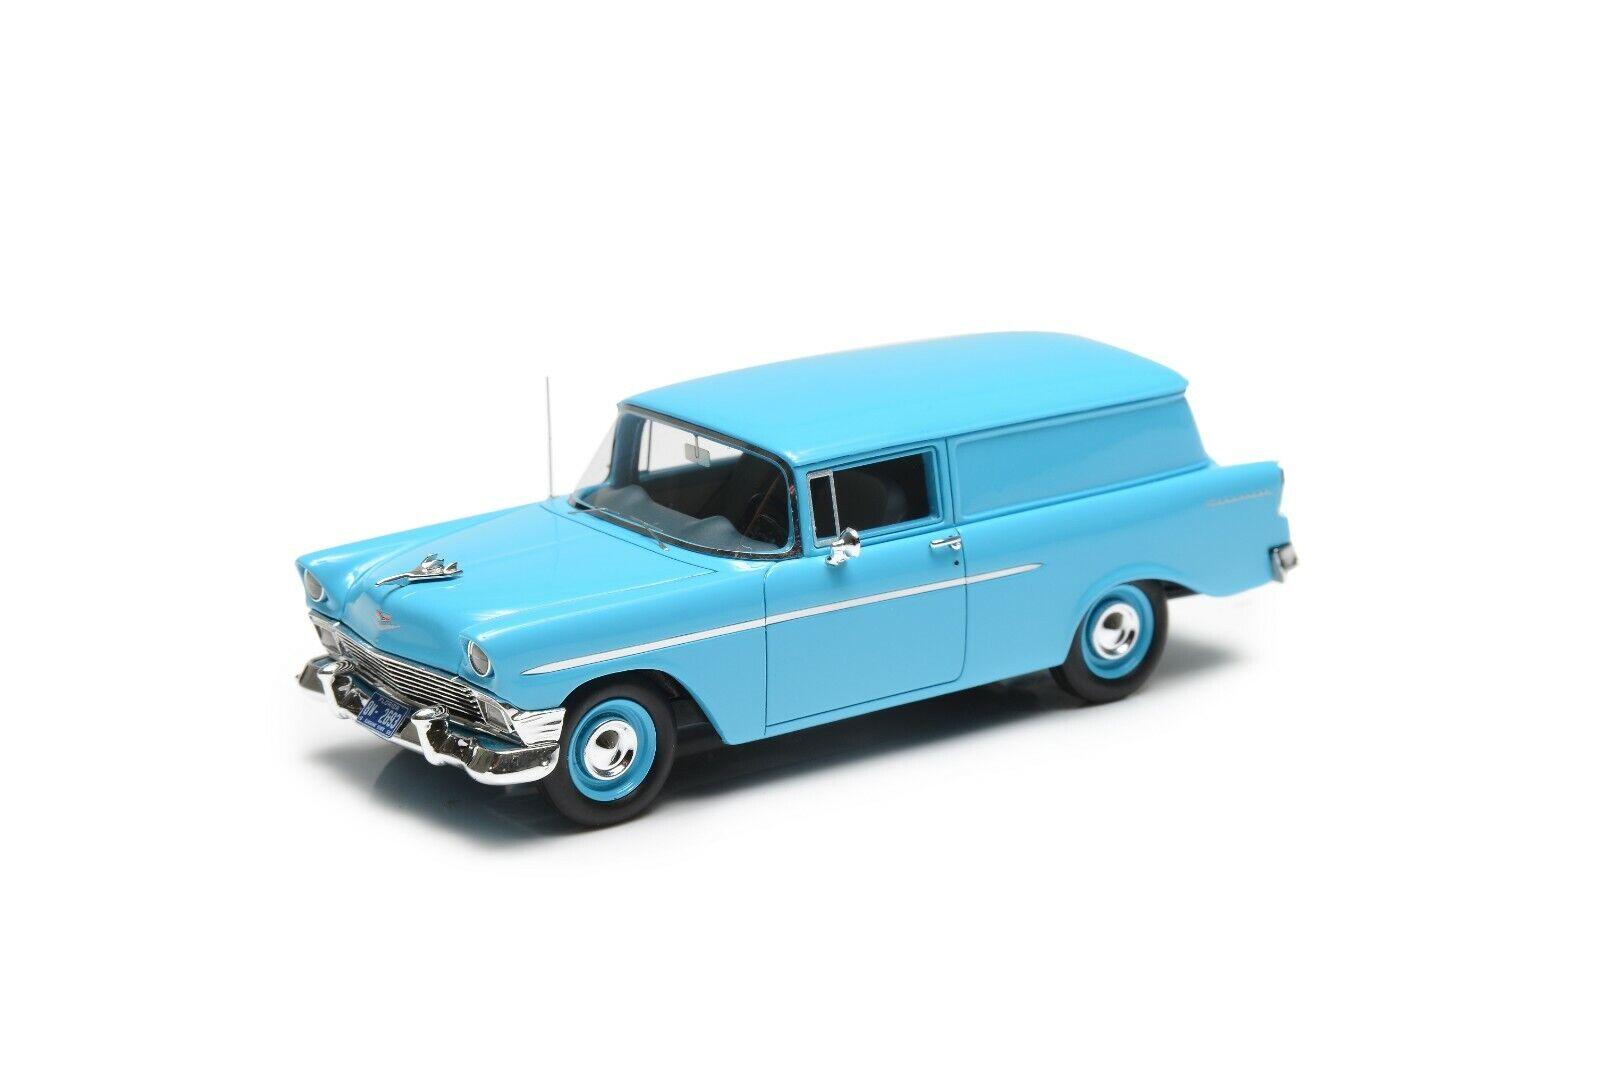 mejor moda Esval Modelos 1956 Chevrolet 150 Handyman Panel Panel Panel entrega-Azul 1 43 modelo de resina  Seleccione de las marcas más nuevas como